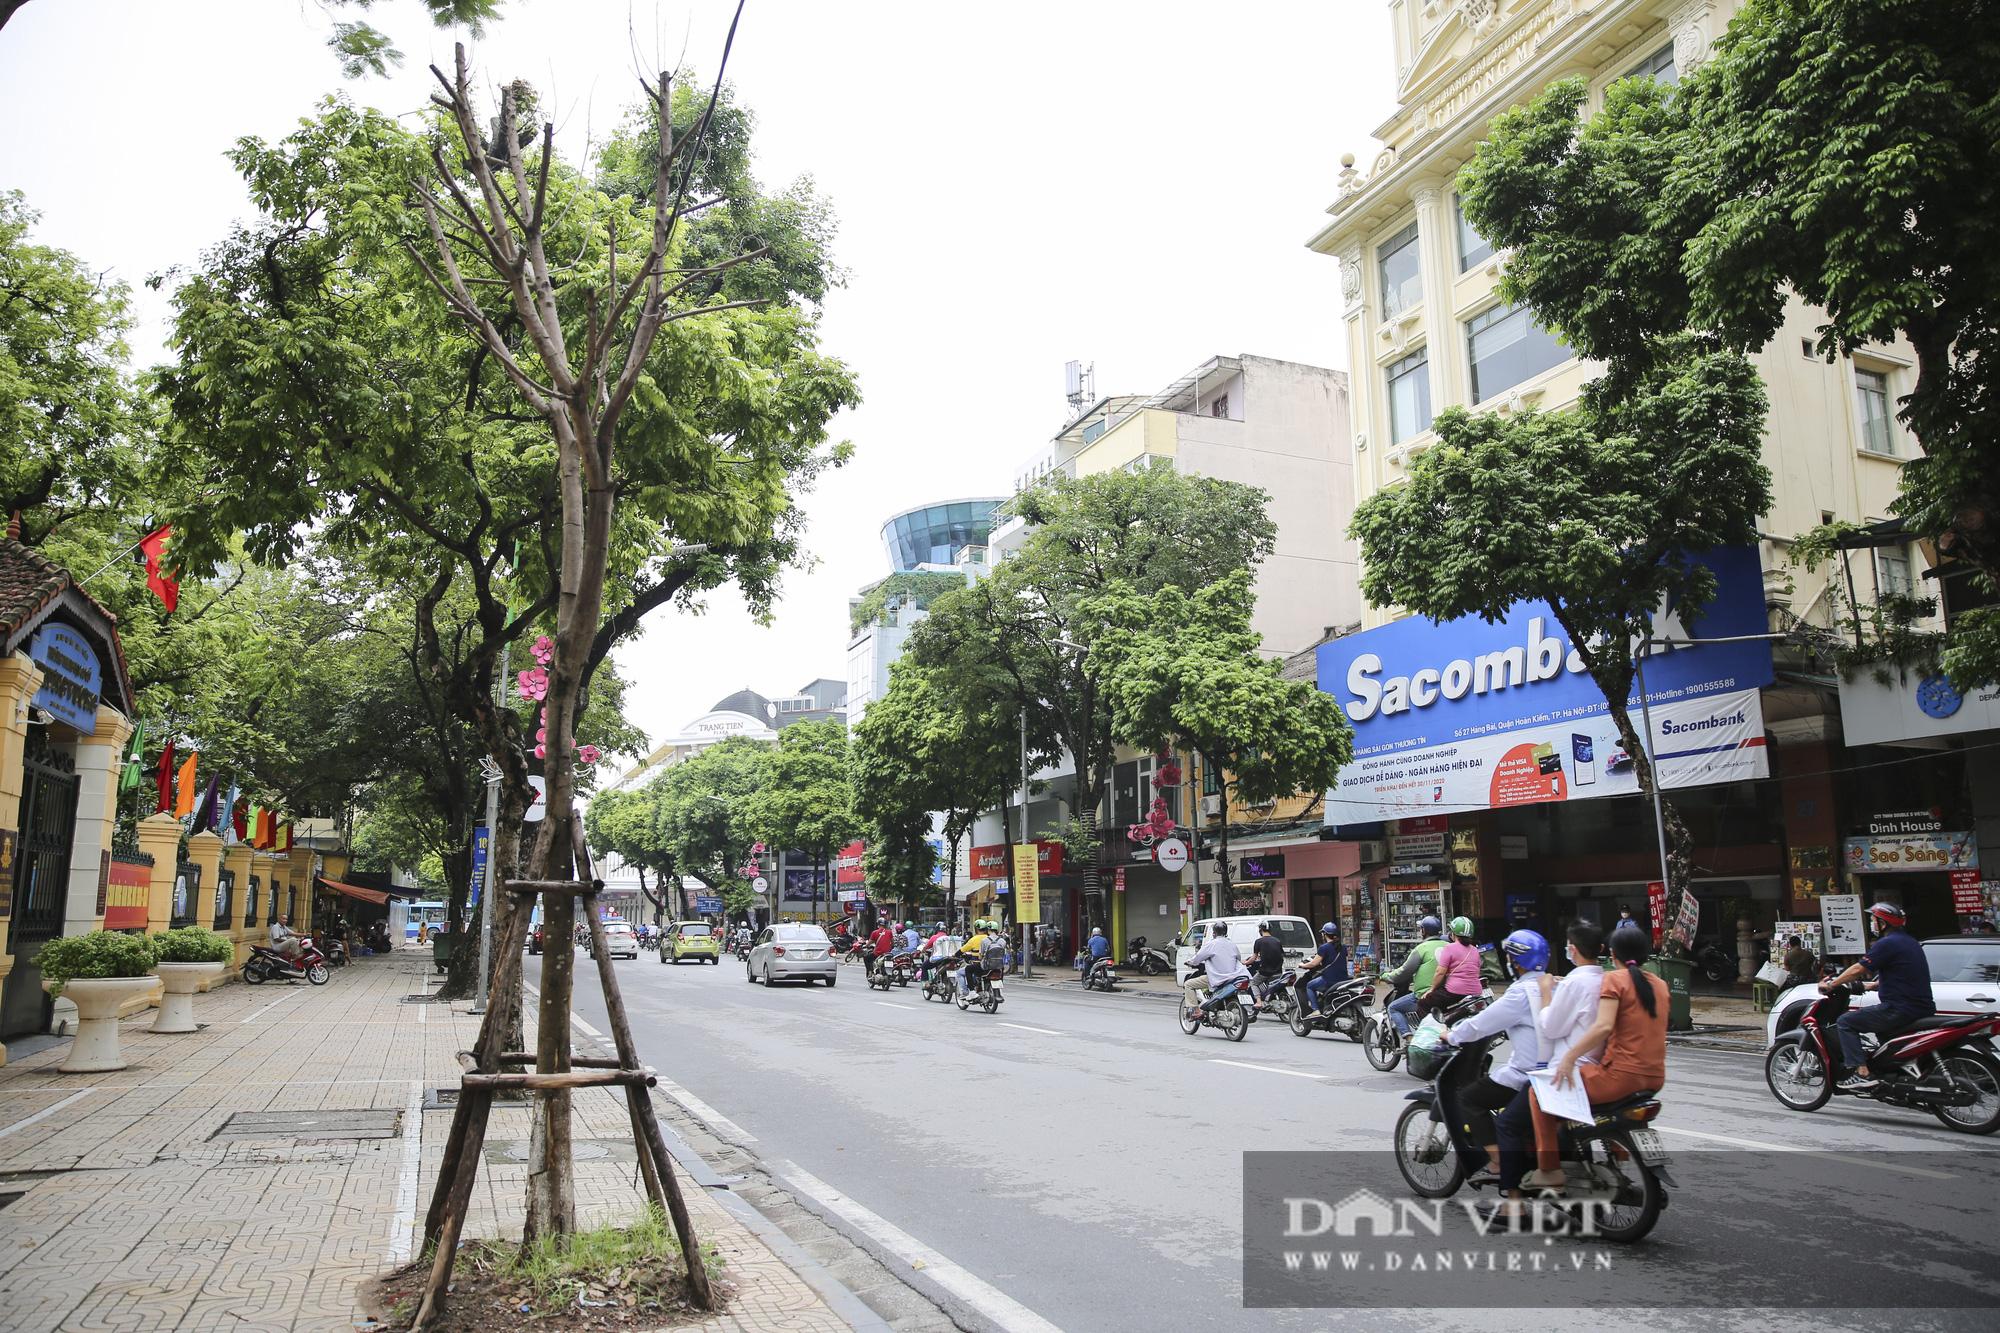 Hà Nội: Nhiều cây xanh trồng mới có dấu hiệu chết khô  - Ảnh 6.